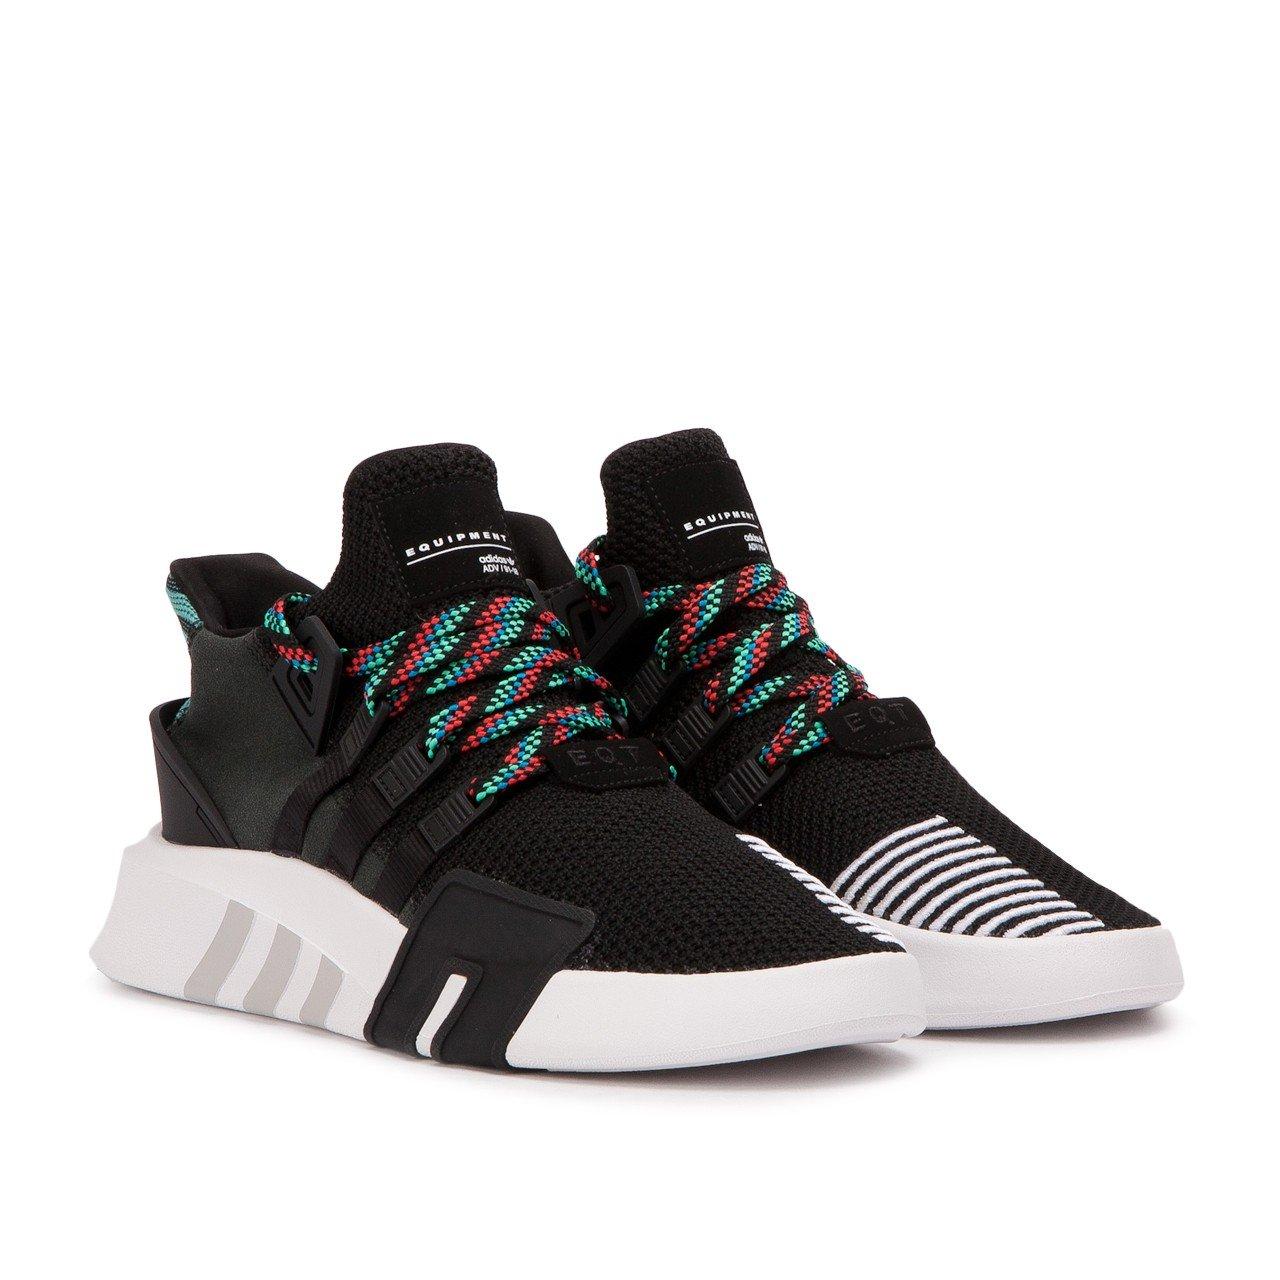 adidas eqt bask adv (black / white) ZANAEZR